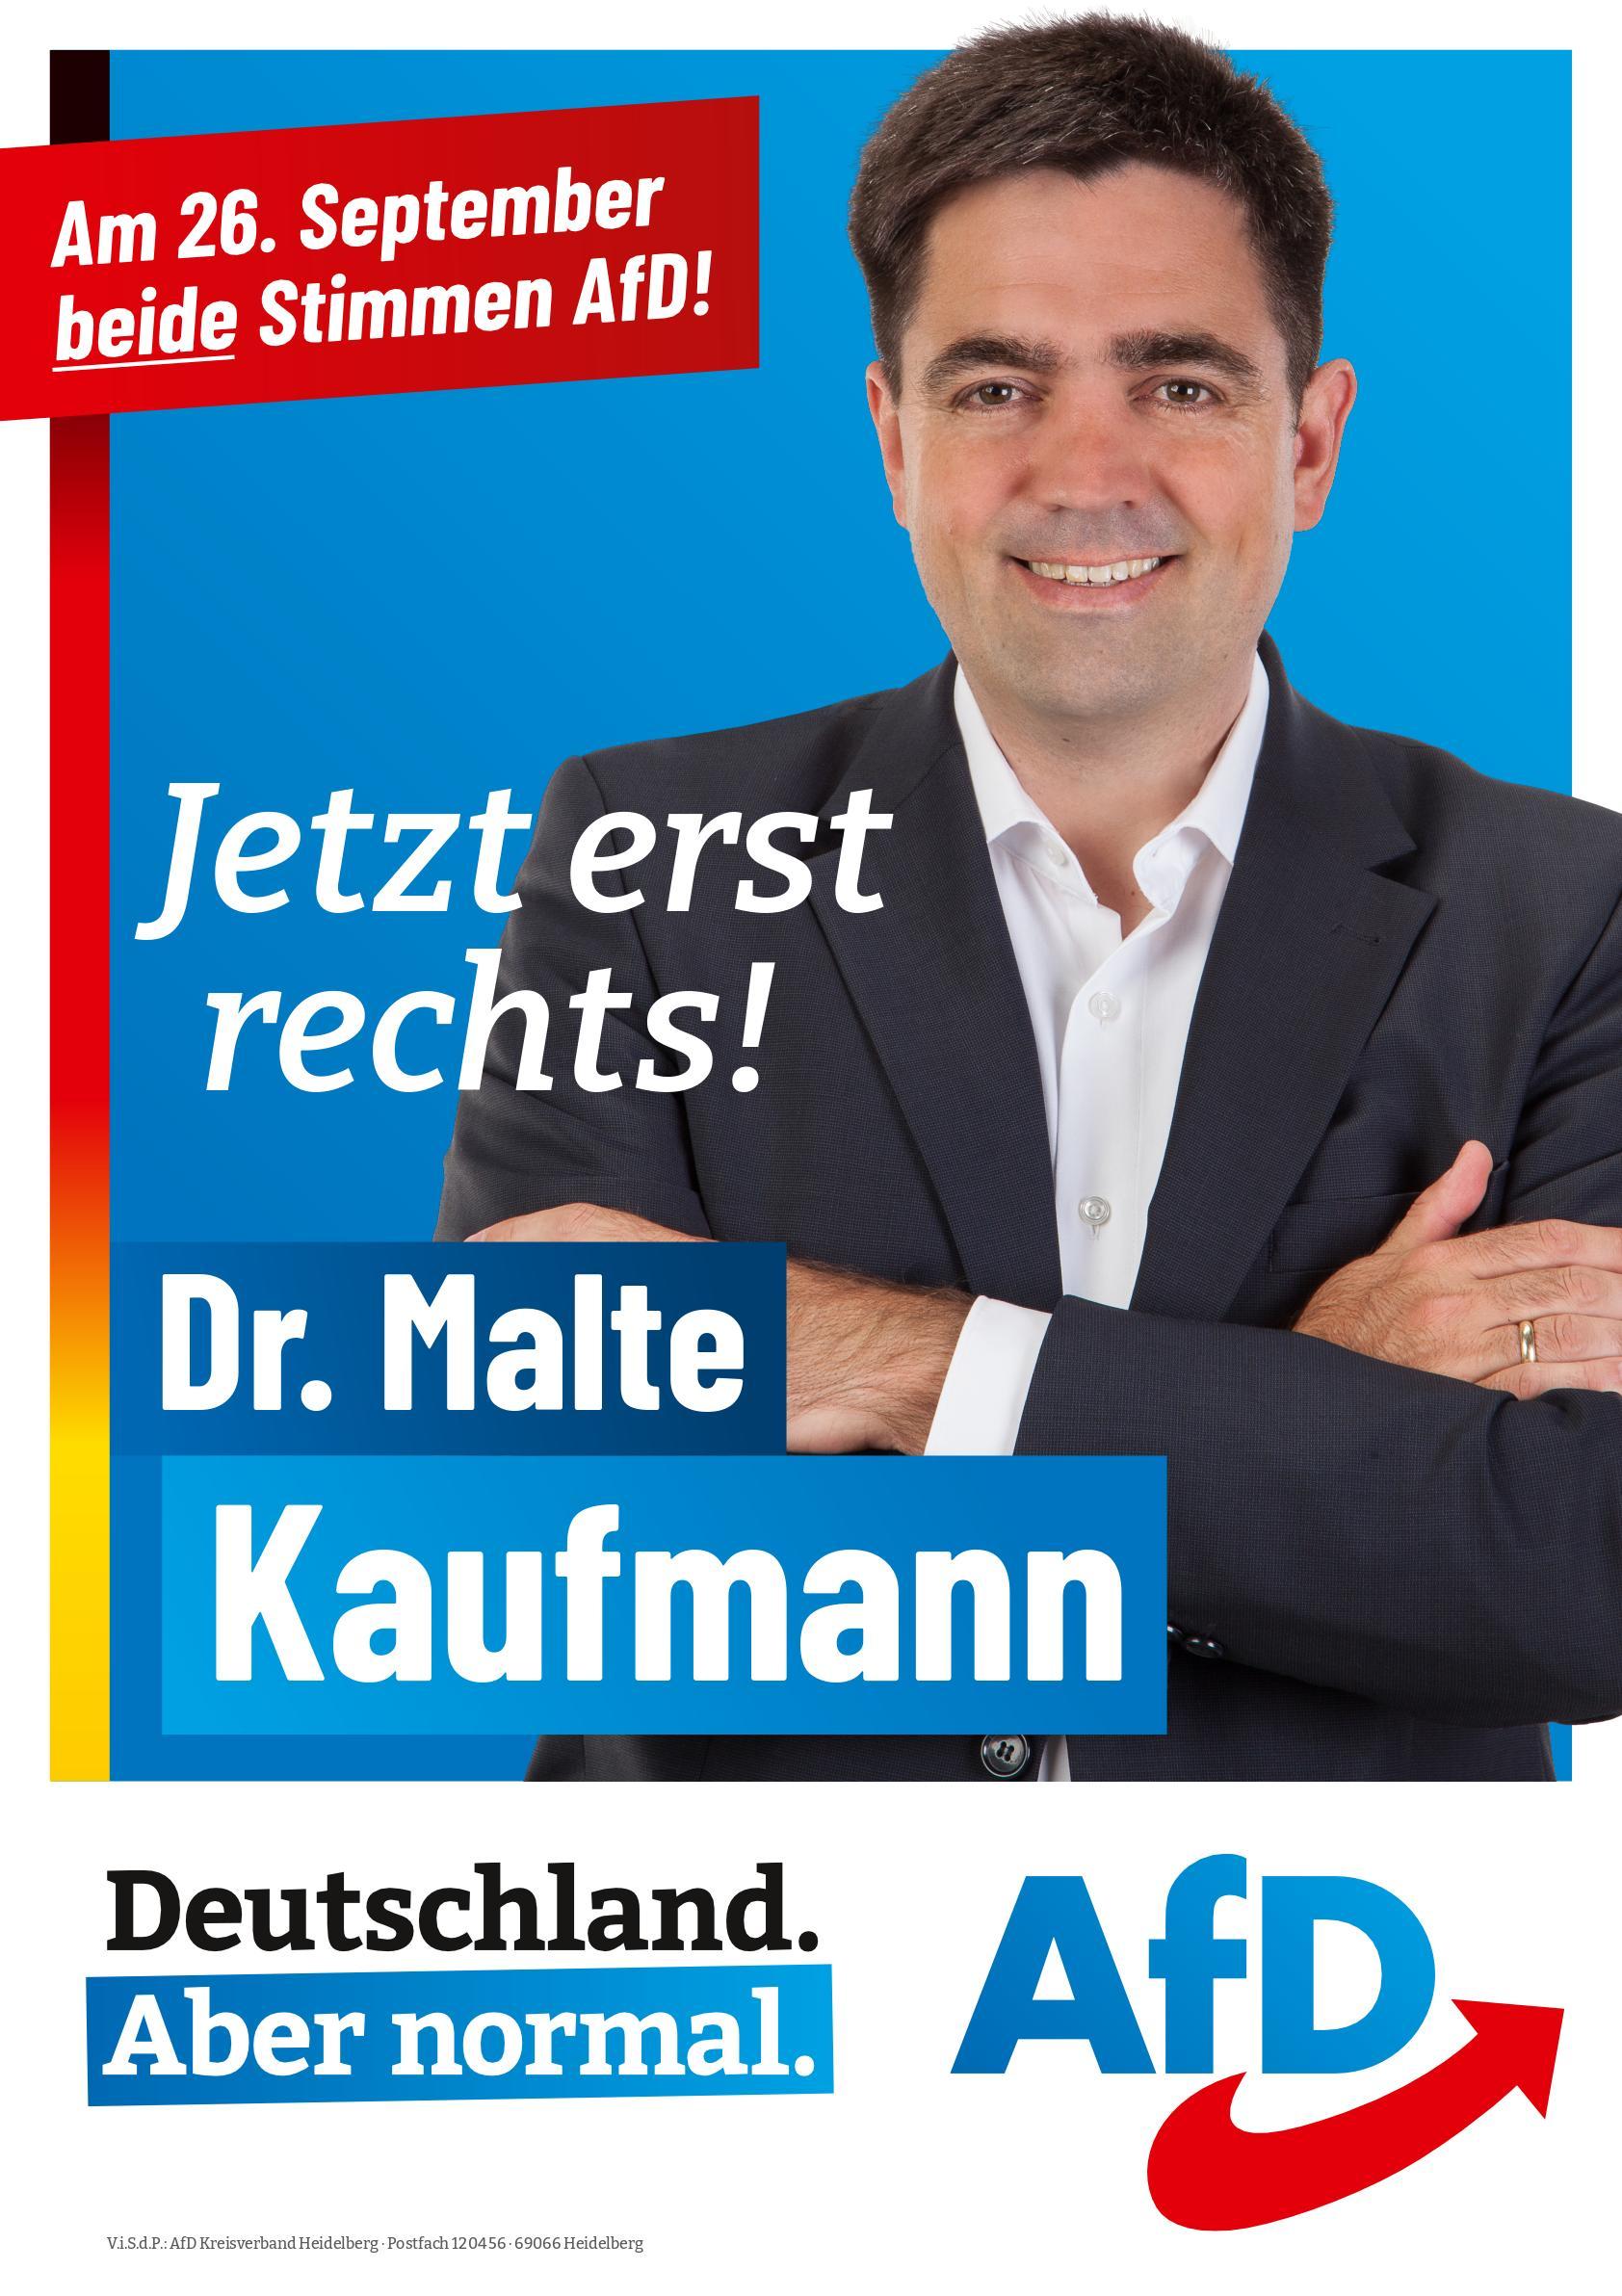 Malte_BTW21_rechts